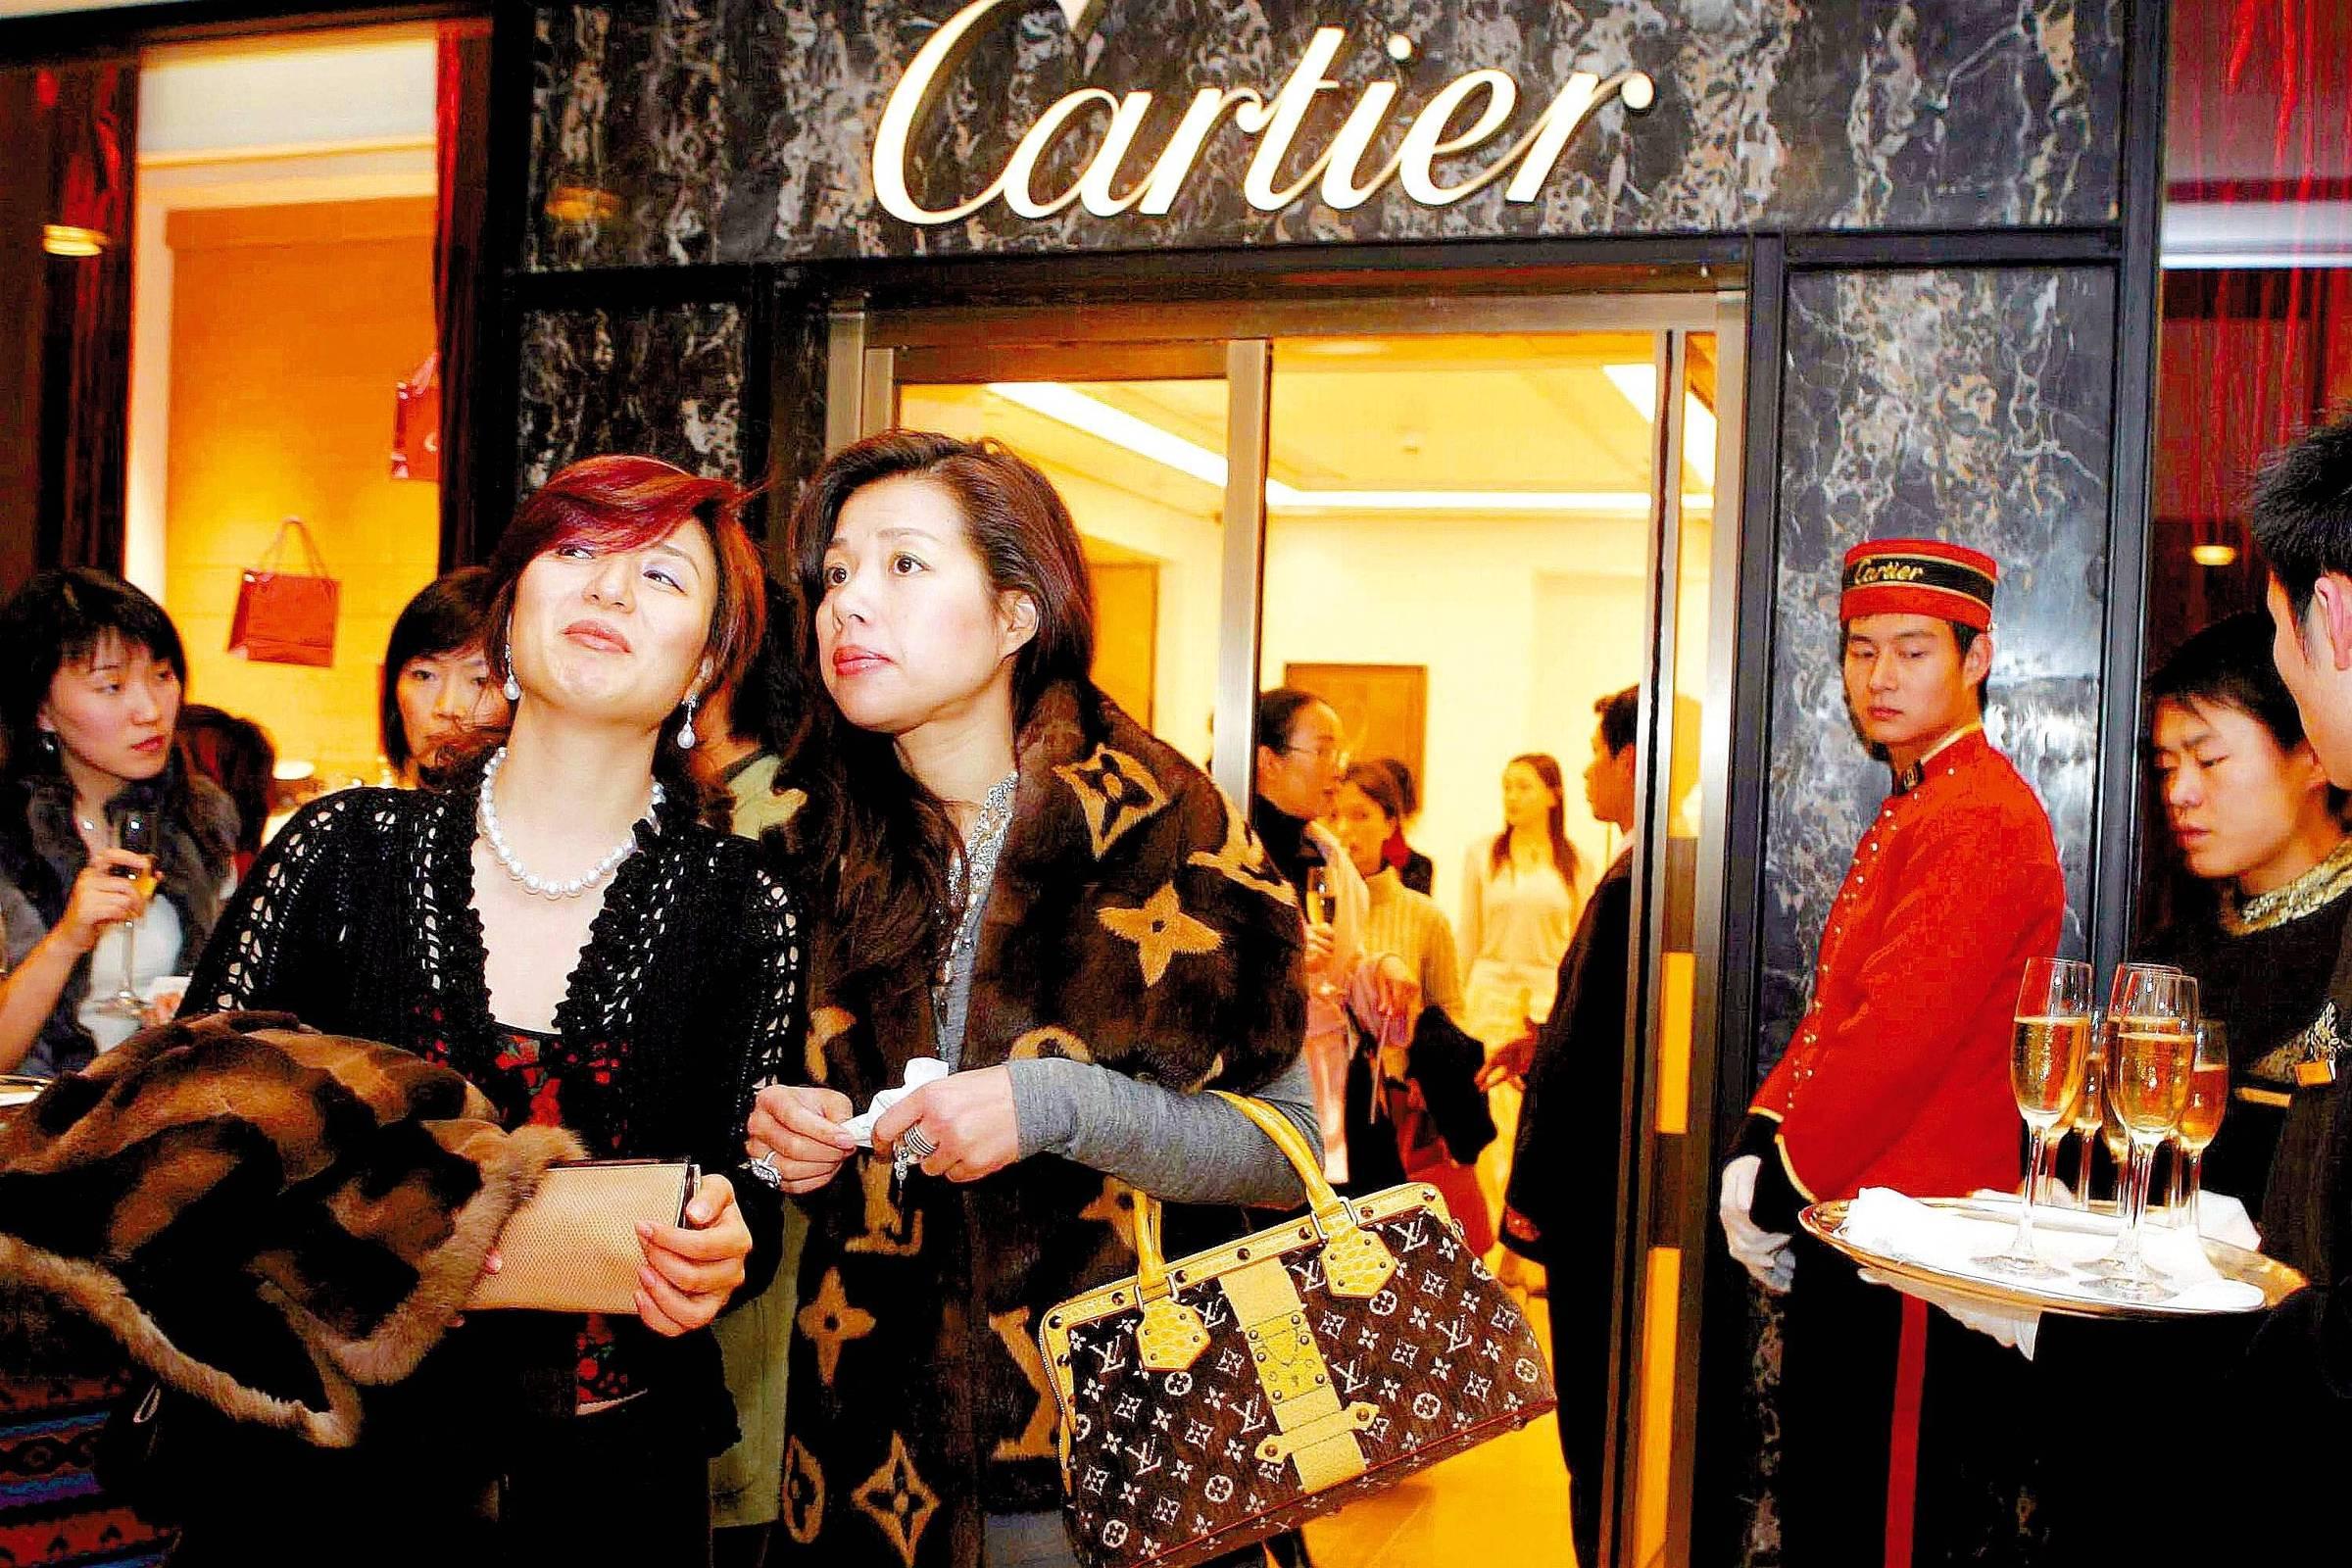 dccab646aea Grupo que controla Cartier e Montblanc fecha acordo com dona do Aliexpress  - 26 10 2018 - Mercado - Folha